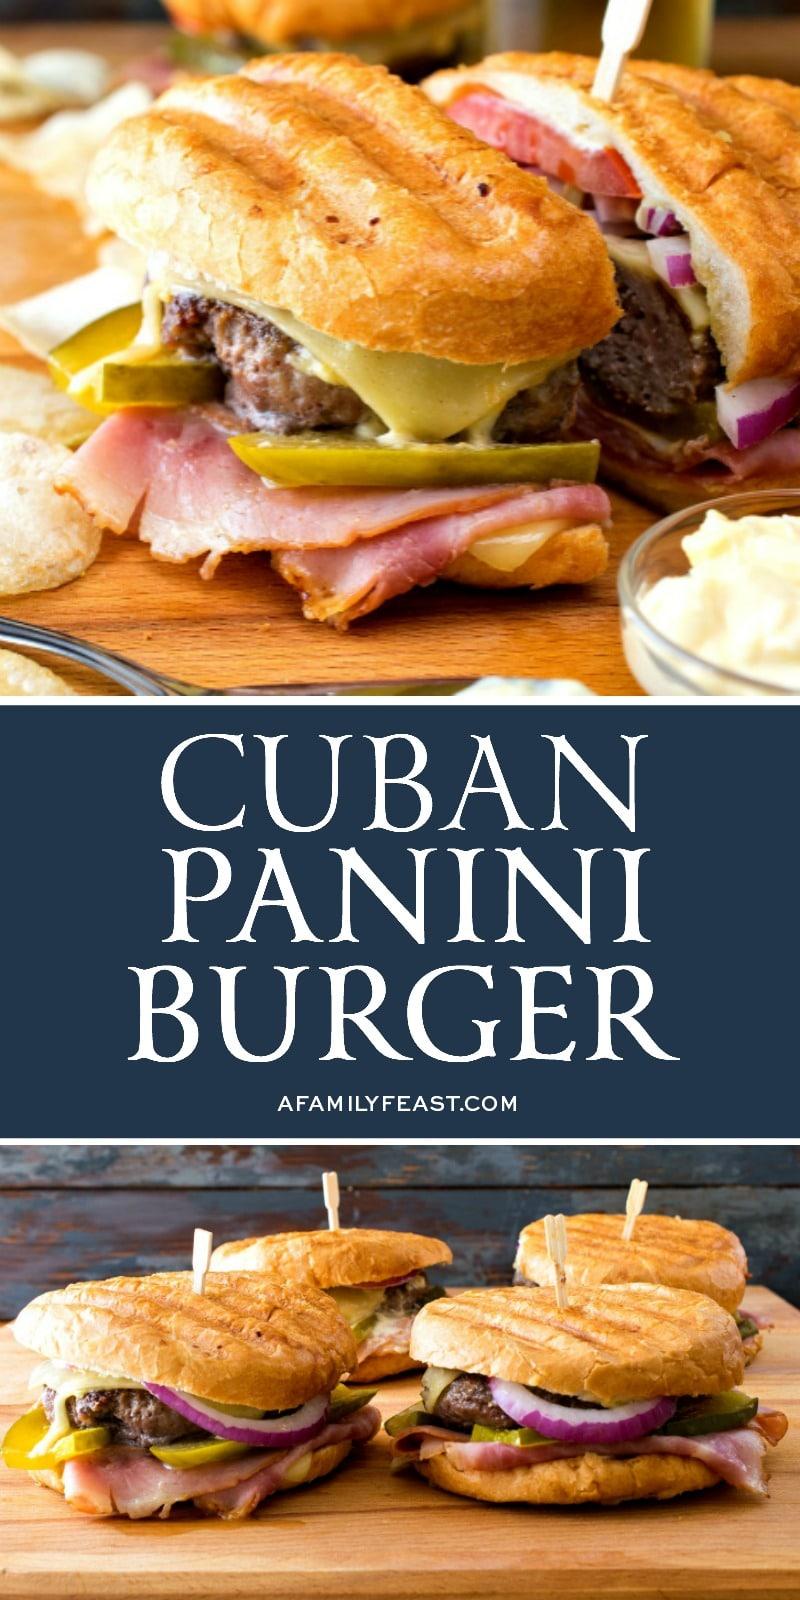 Cuban Panini Burger